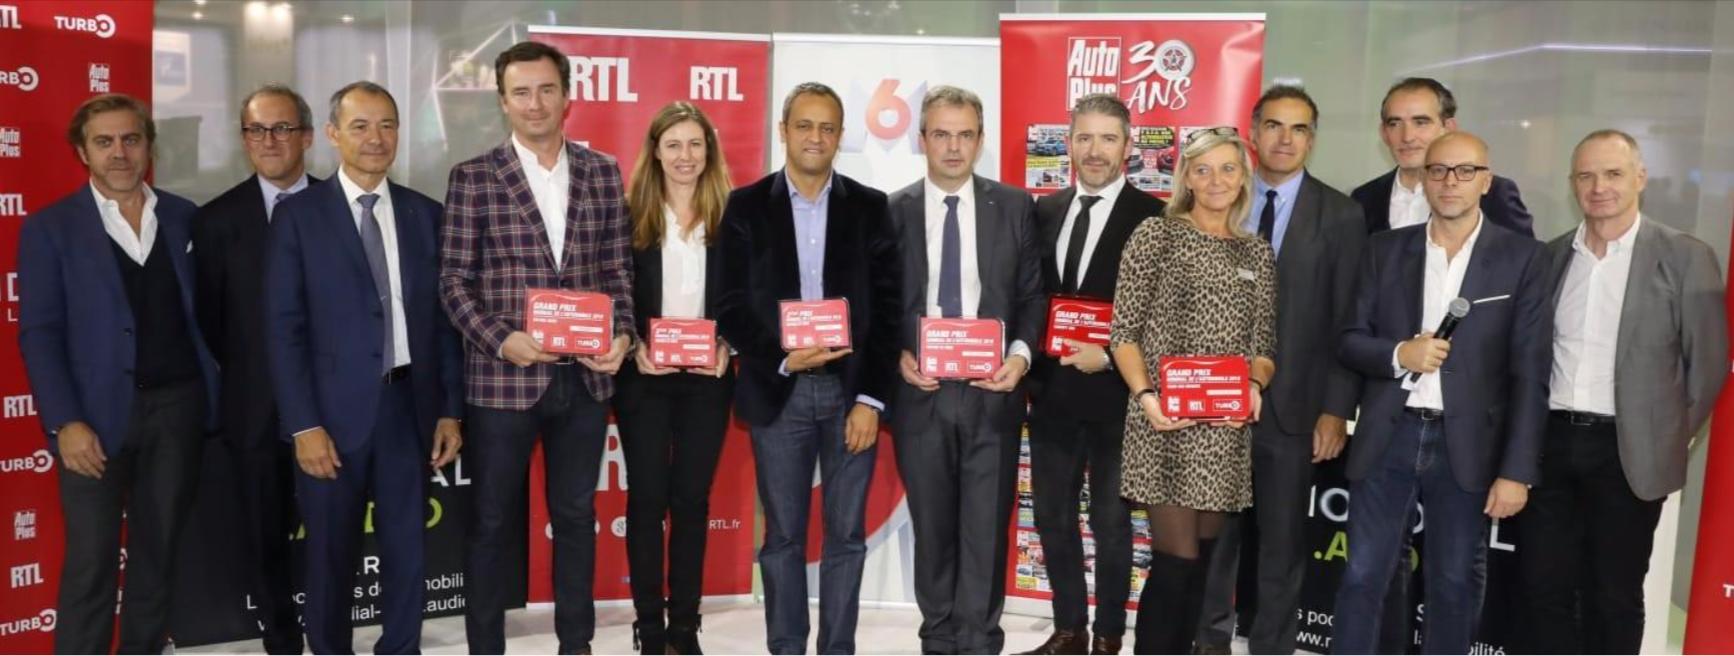 Les lauréats en compagnie des équipes de RTL, M6 et Autoplus.